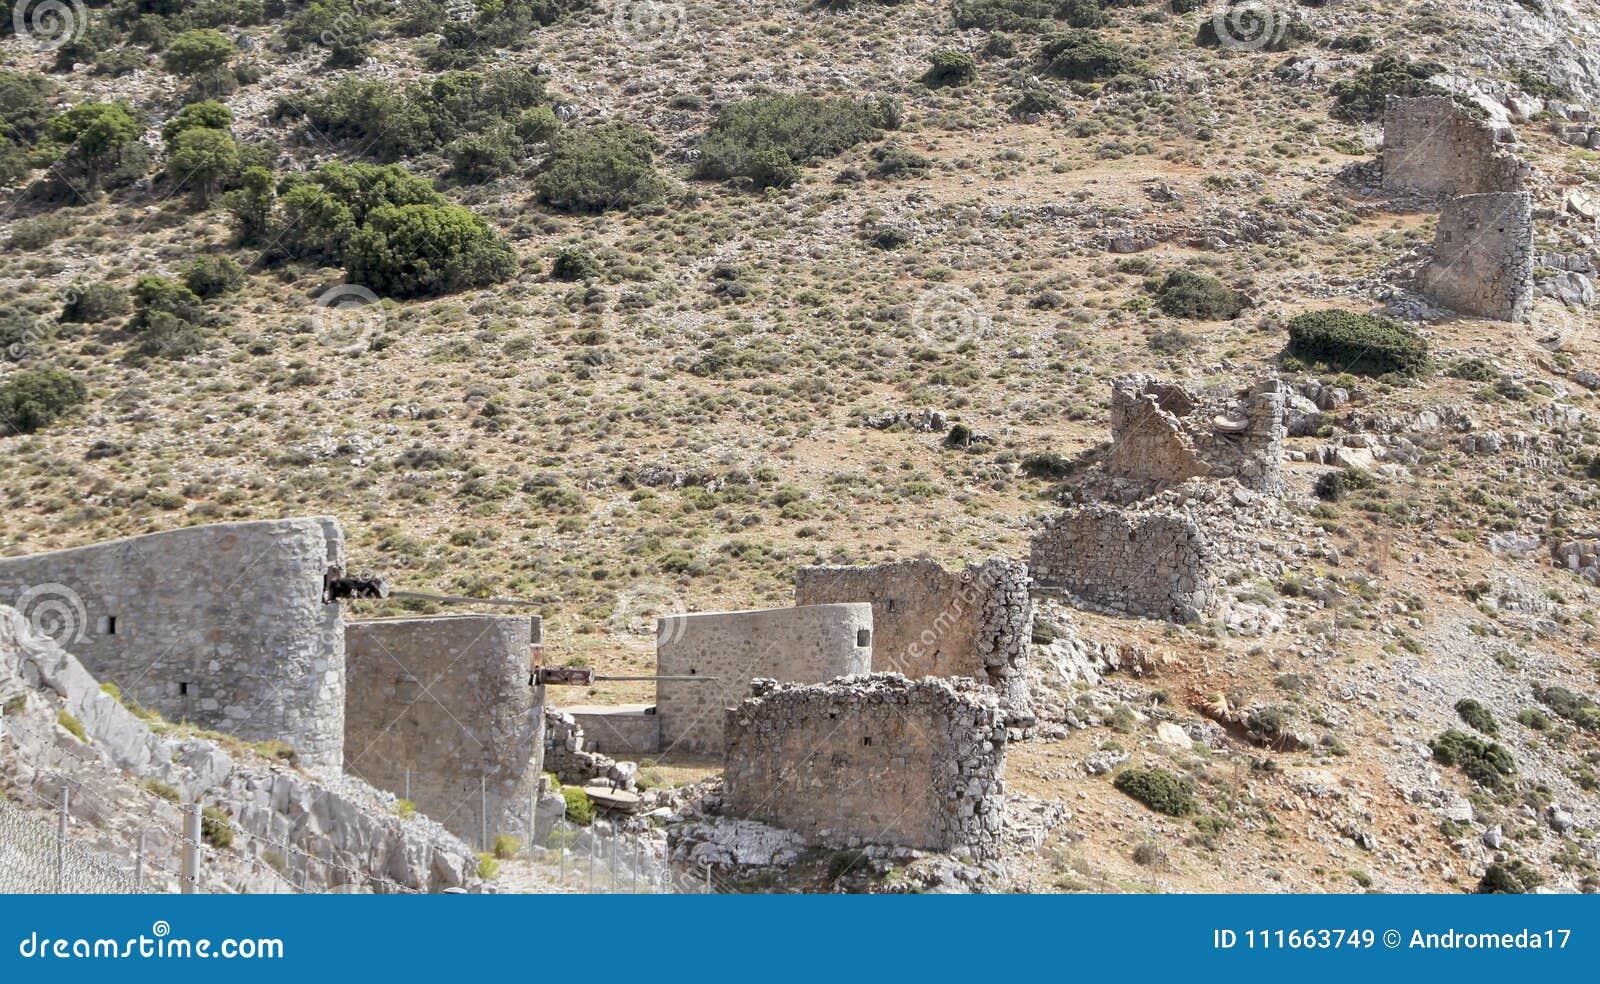 Ruines des moulins à vent vénitiens antiques construits au XVème siècle, plateau de Lassithi, Crète, Grèce